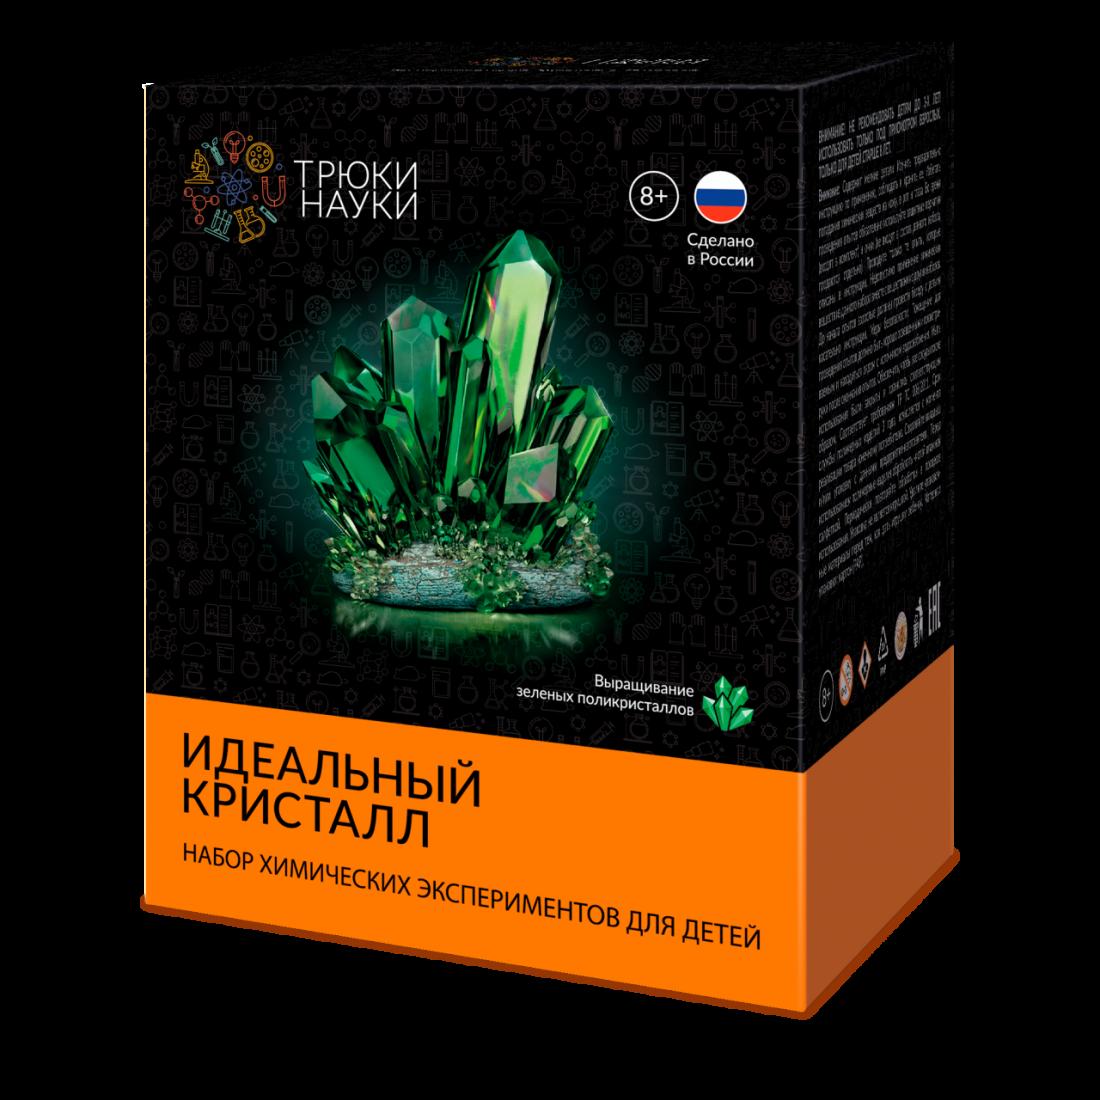 Набор ТРЮКИ НАУКИ Z118 Идеальный кристалл (зеленый)